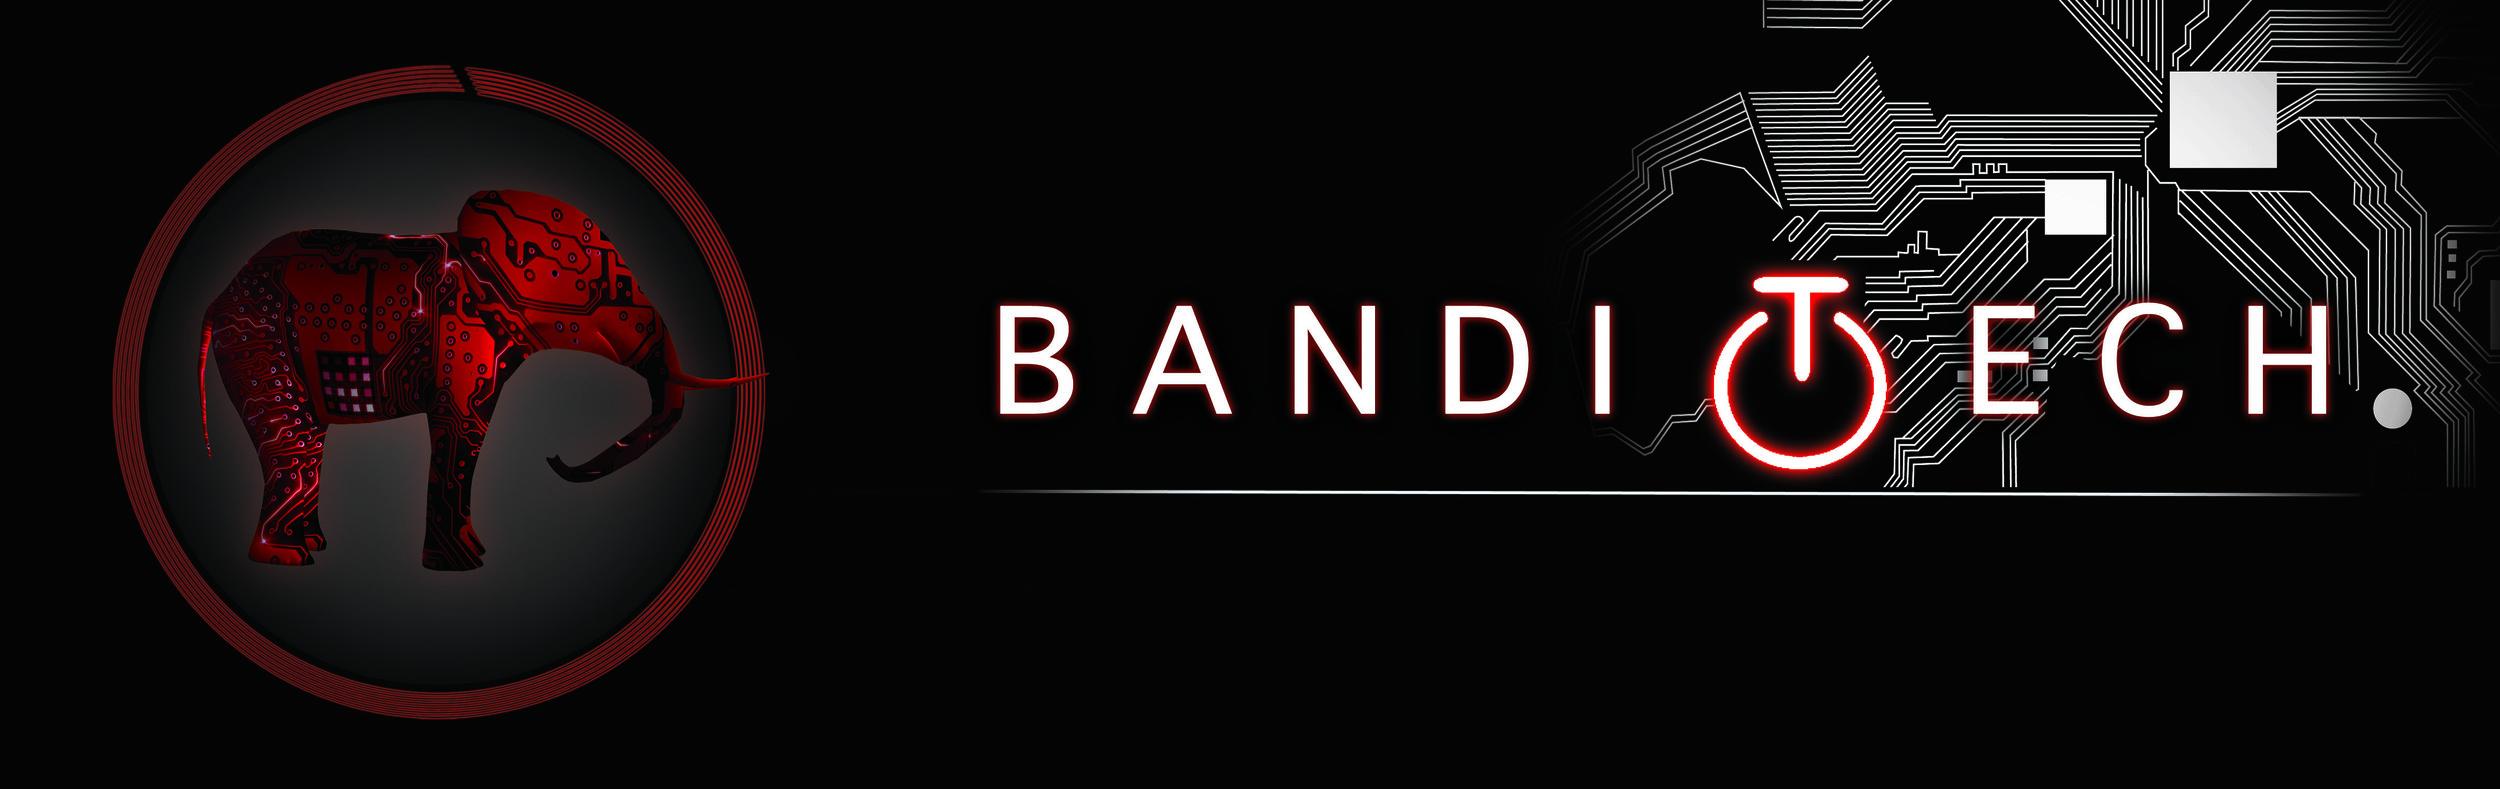 Banner-logo-tm.jpg